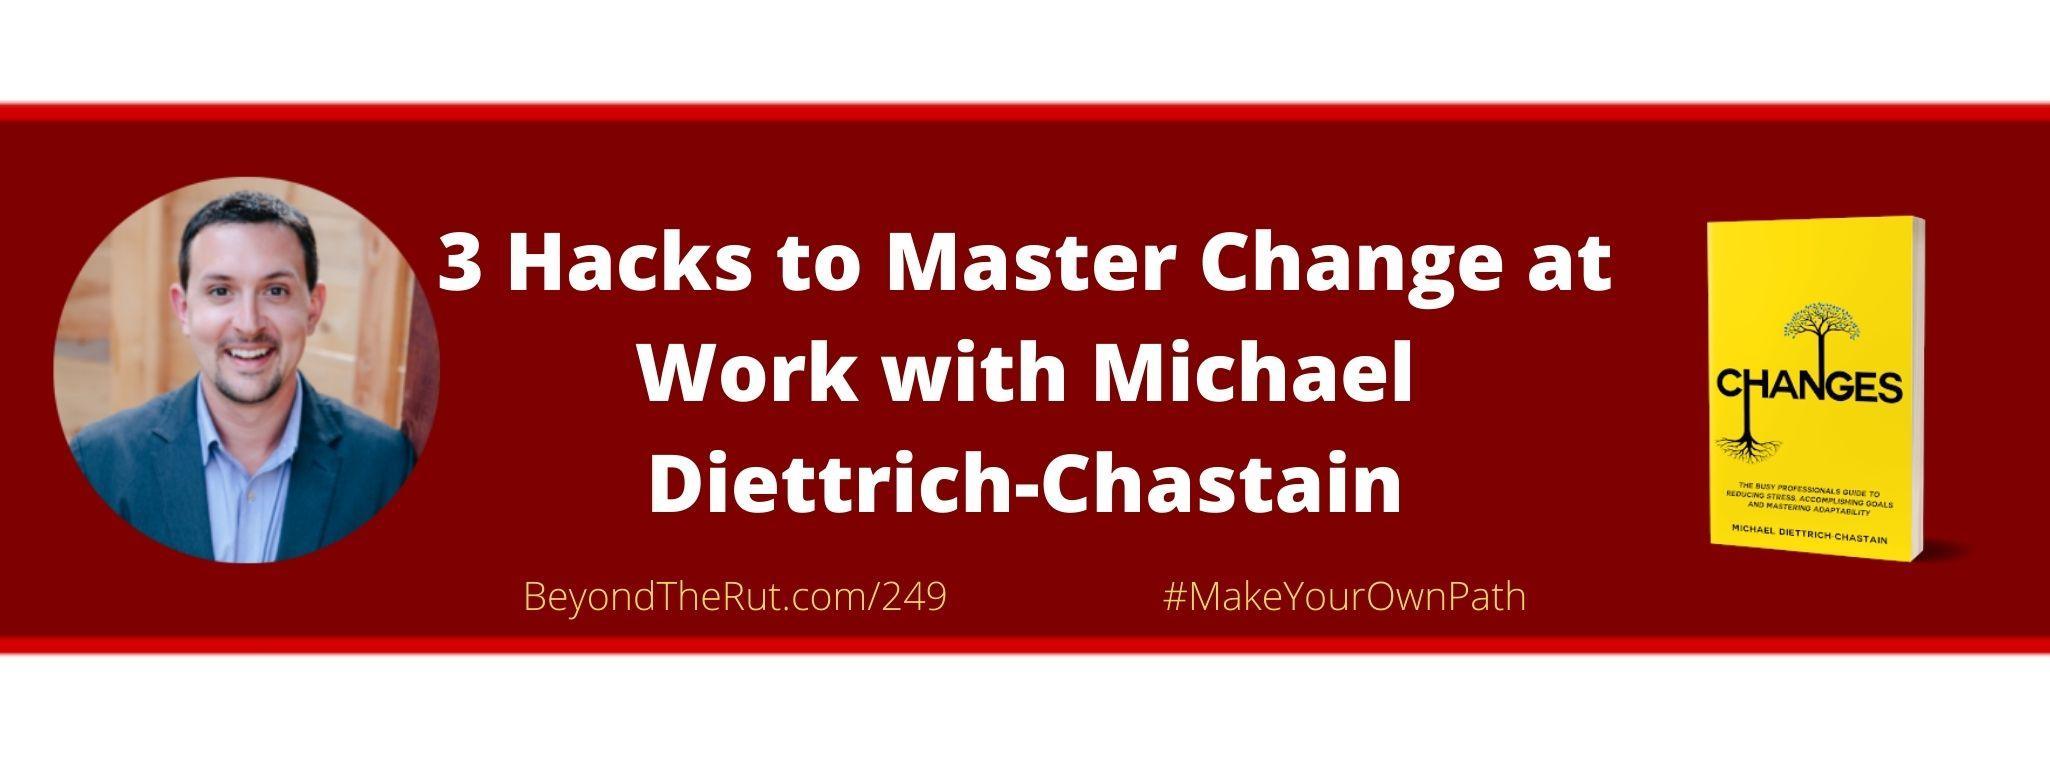 master change michael diettrich-chastain